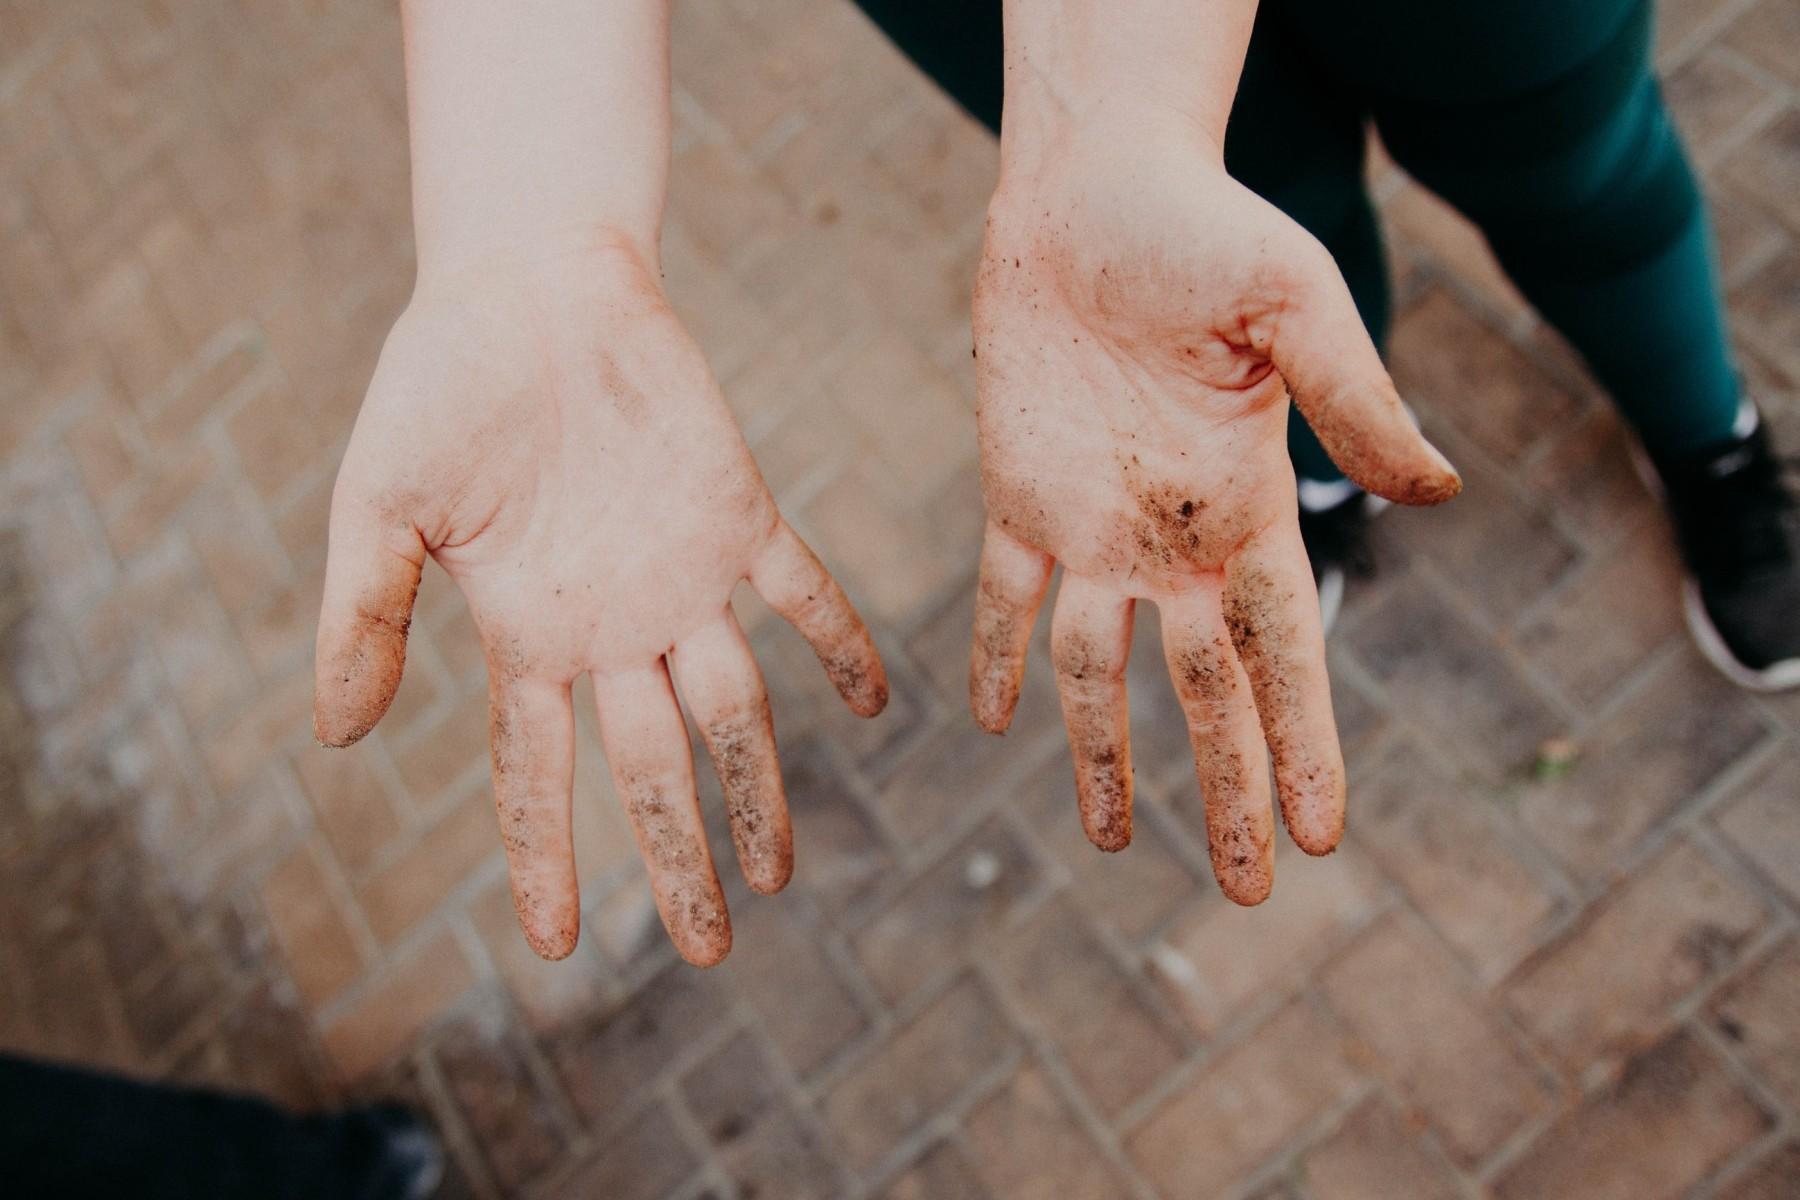 dirtyhands_1